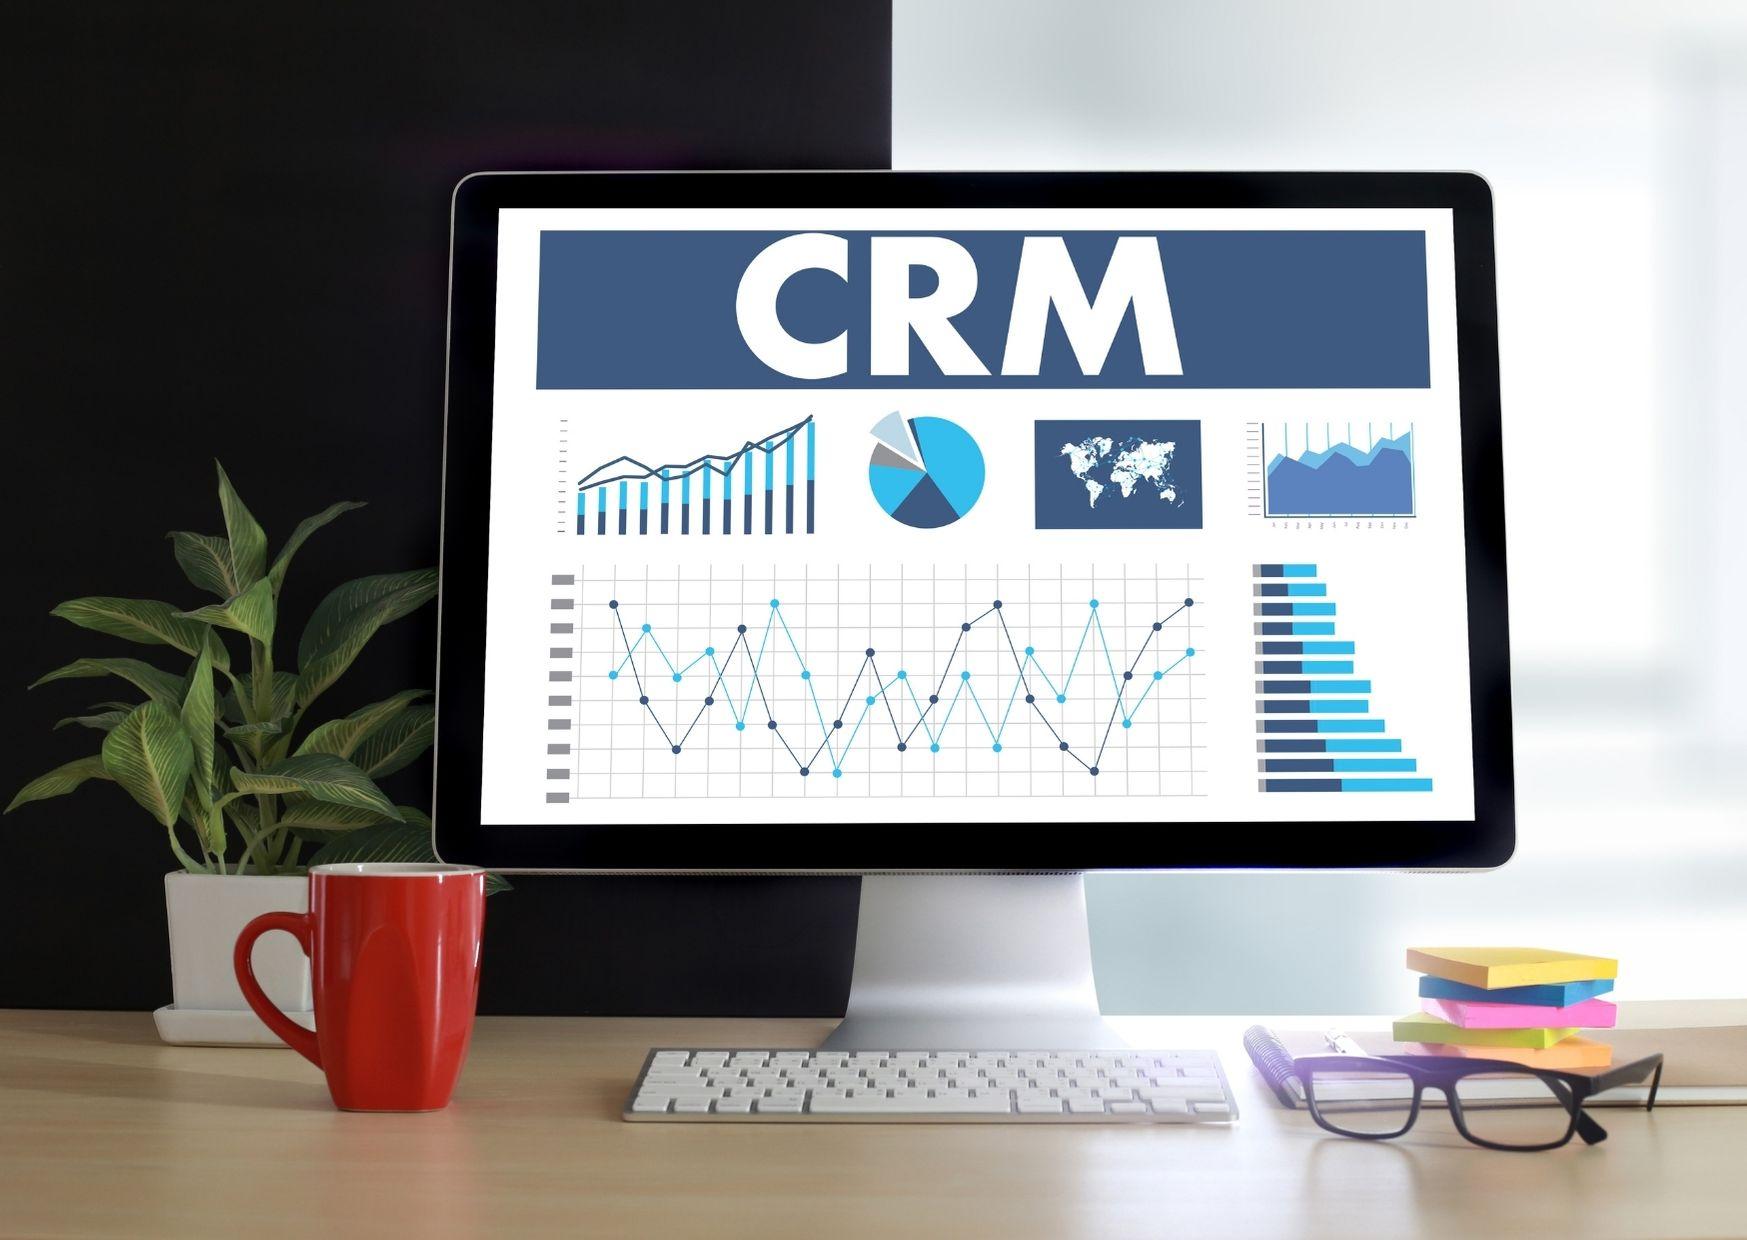 מערכת CRM מומלצת